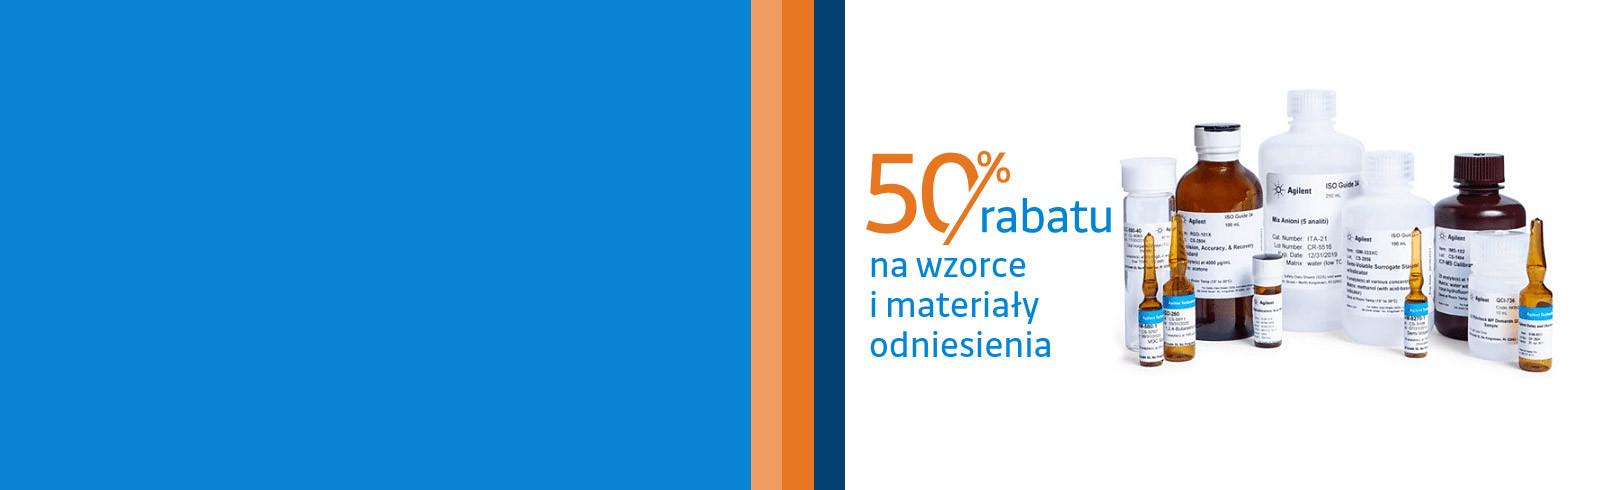 50% rabatu Zapoznaj się z naszą ofertą